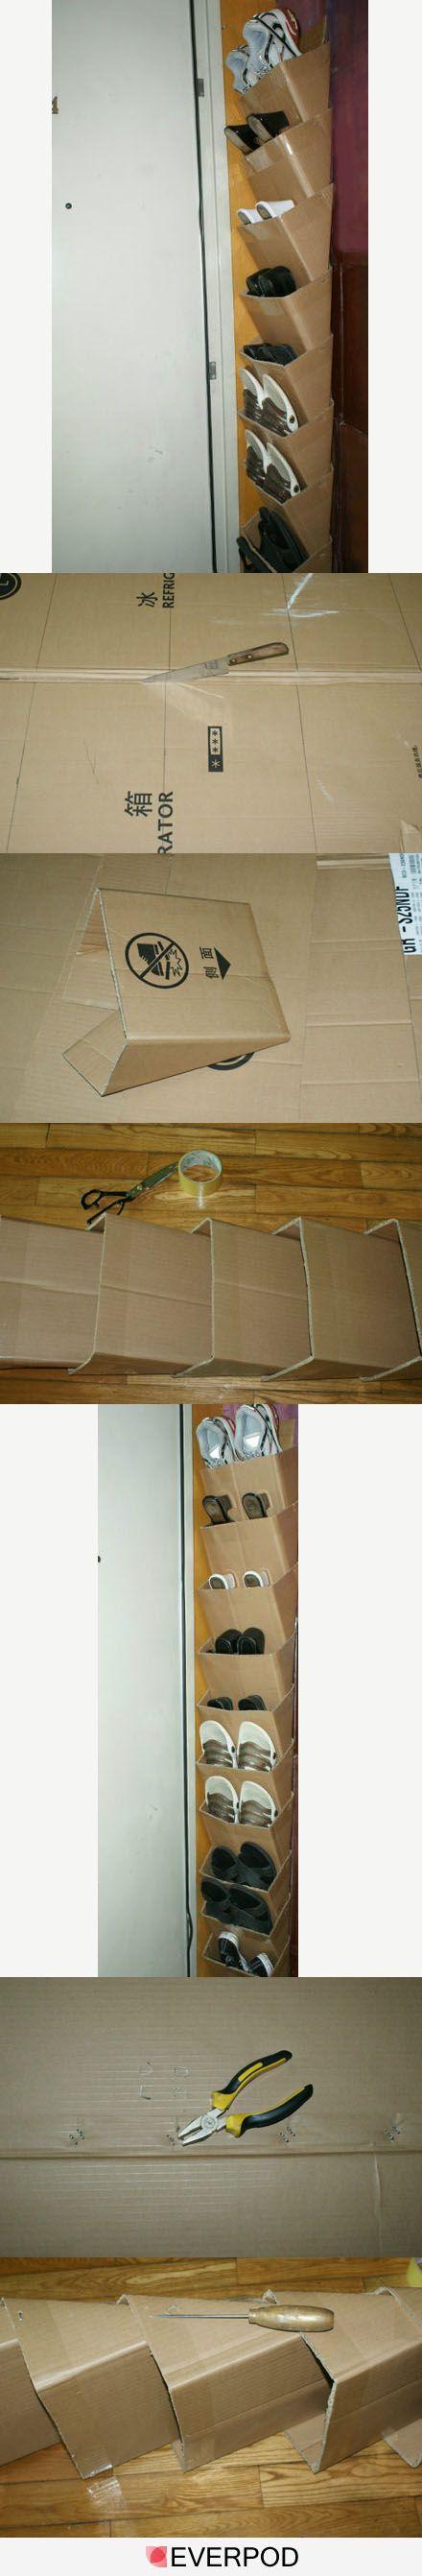 Organizador de sapatos feitos com caixas de papelão